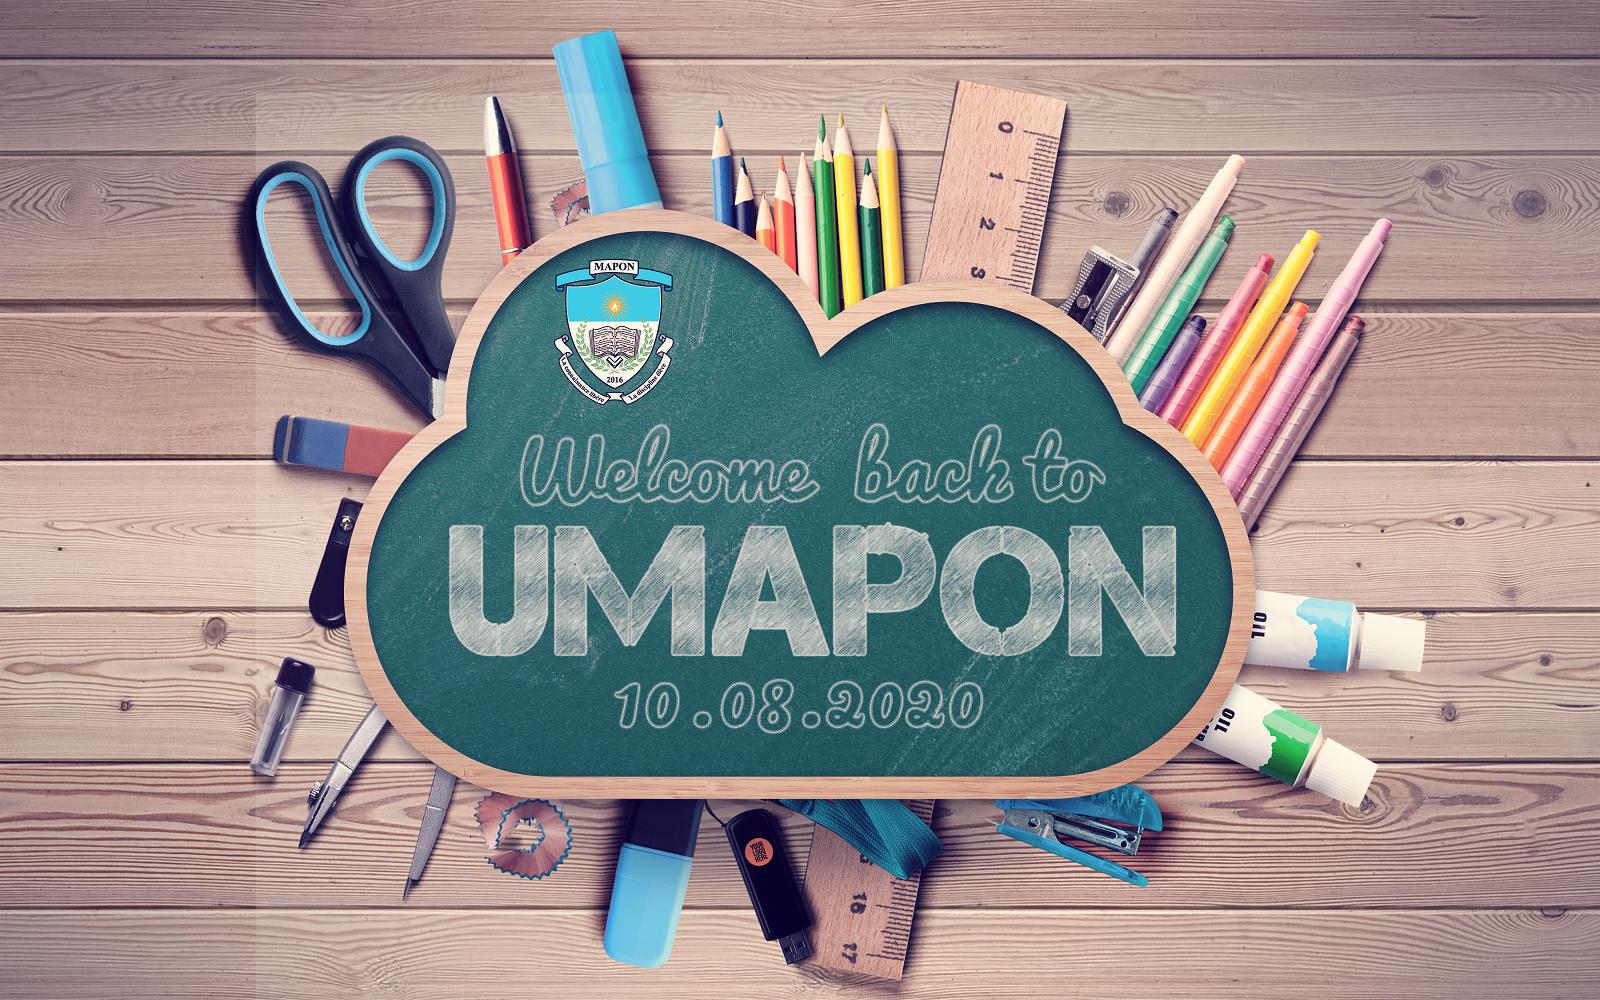 Reprise des cours à l'Université Mapon